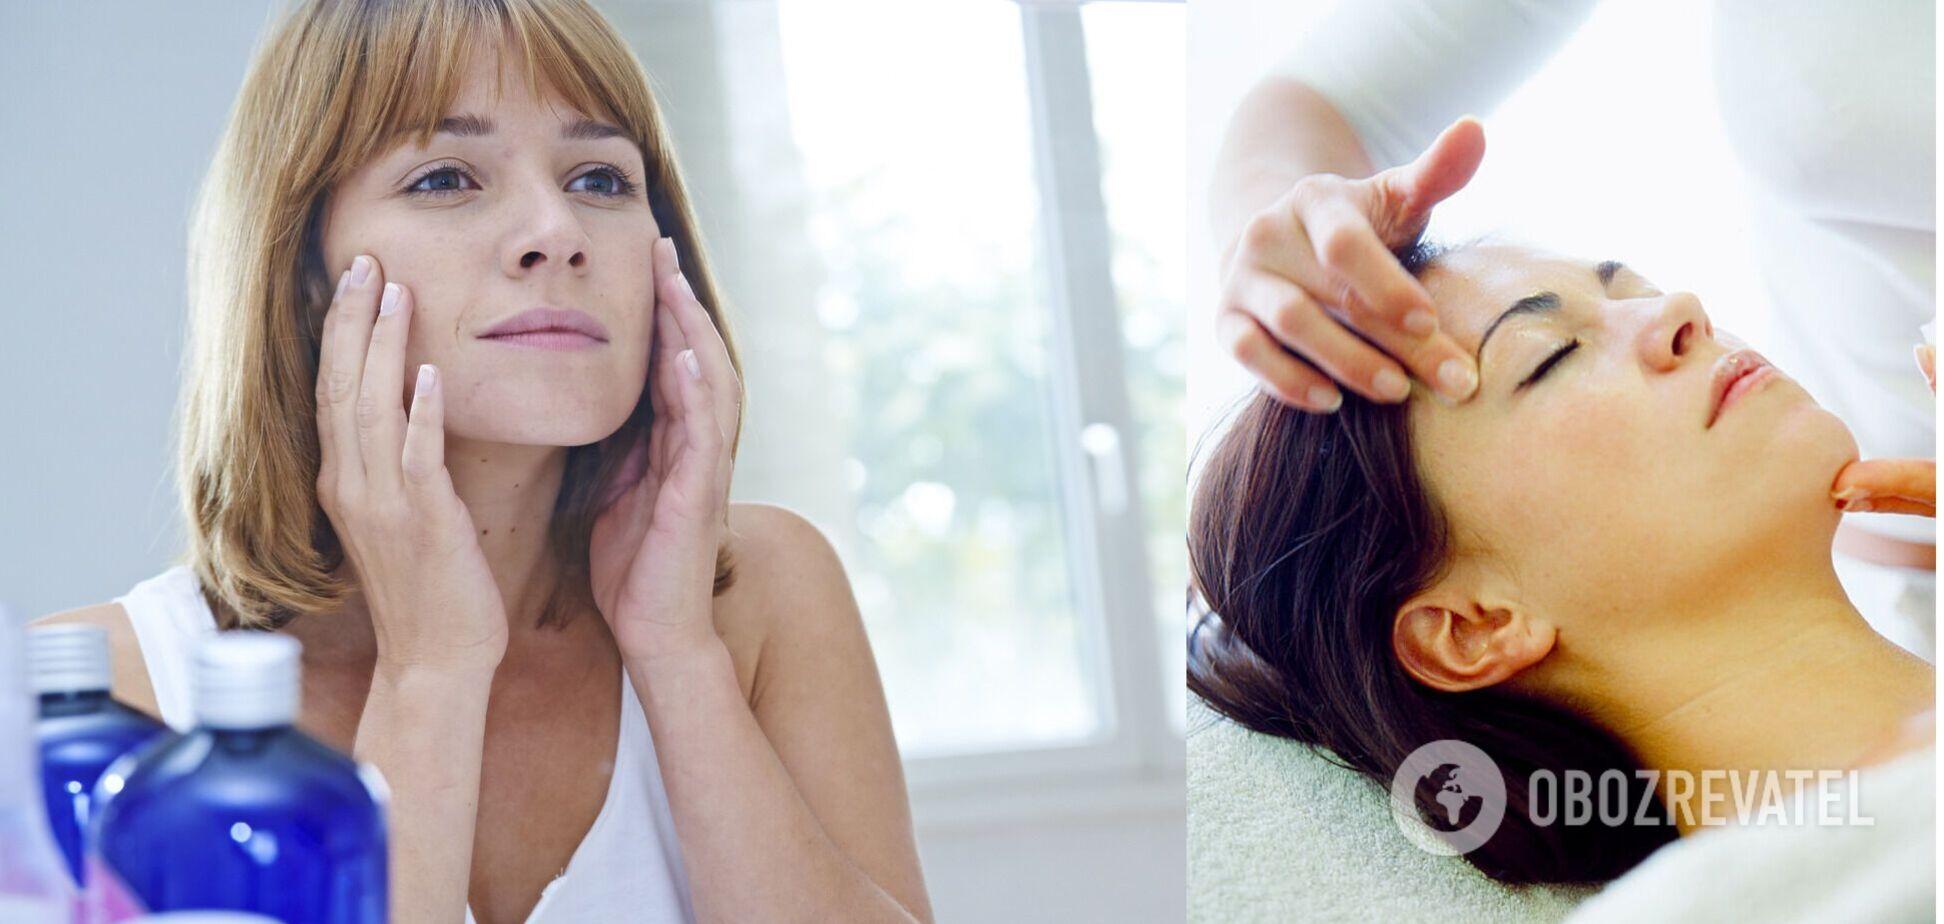 Альтернатива ботокса: косметолог сказала о фитнессе для лица